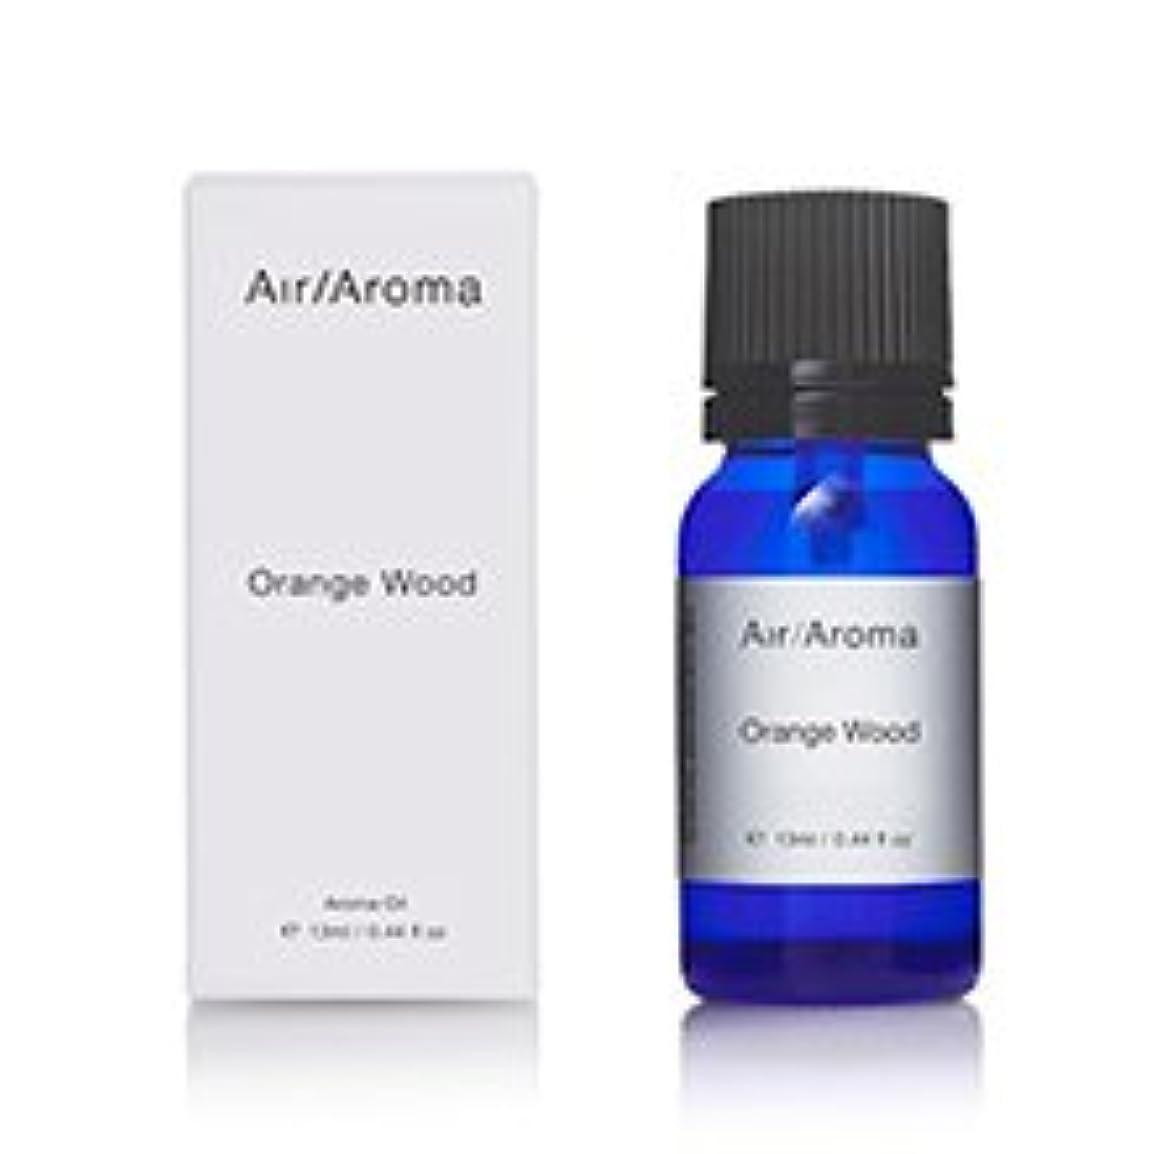 ヘロイン差別する正規化エアアロマ orange wood(オレンジウッド)13ml